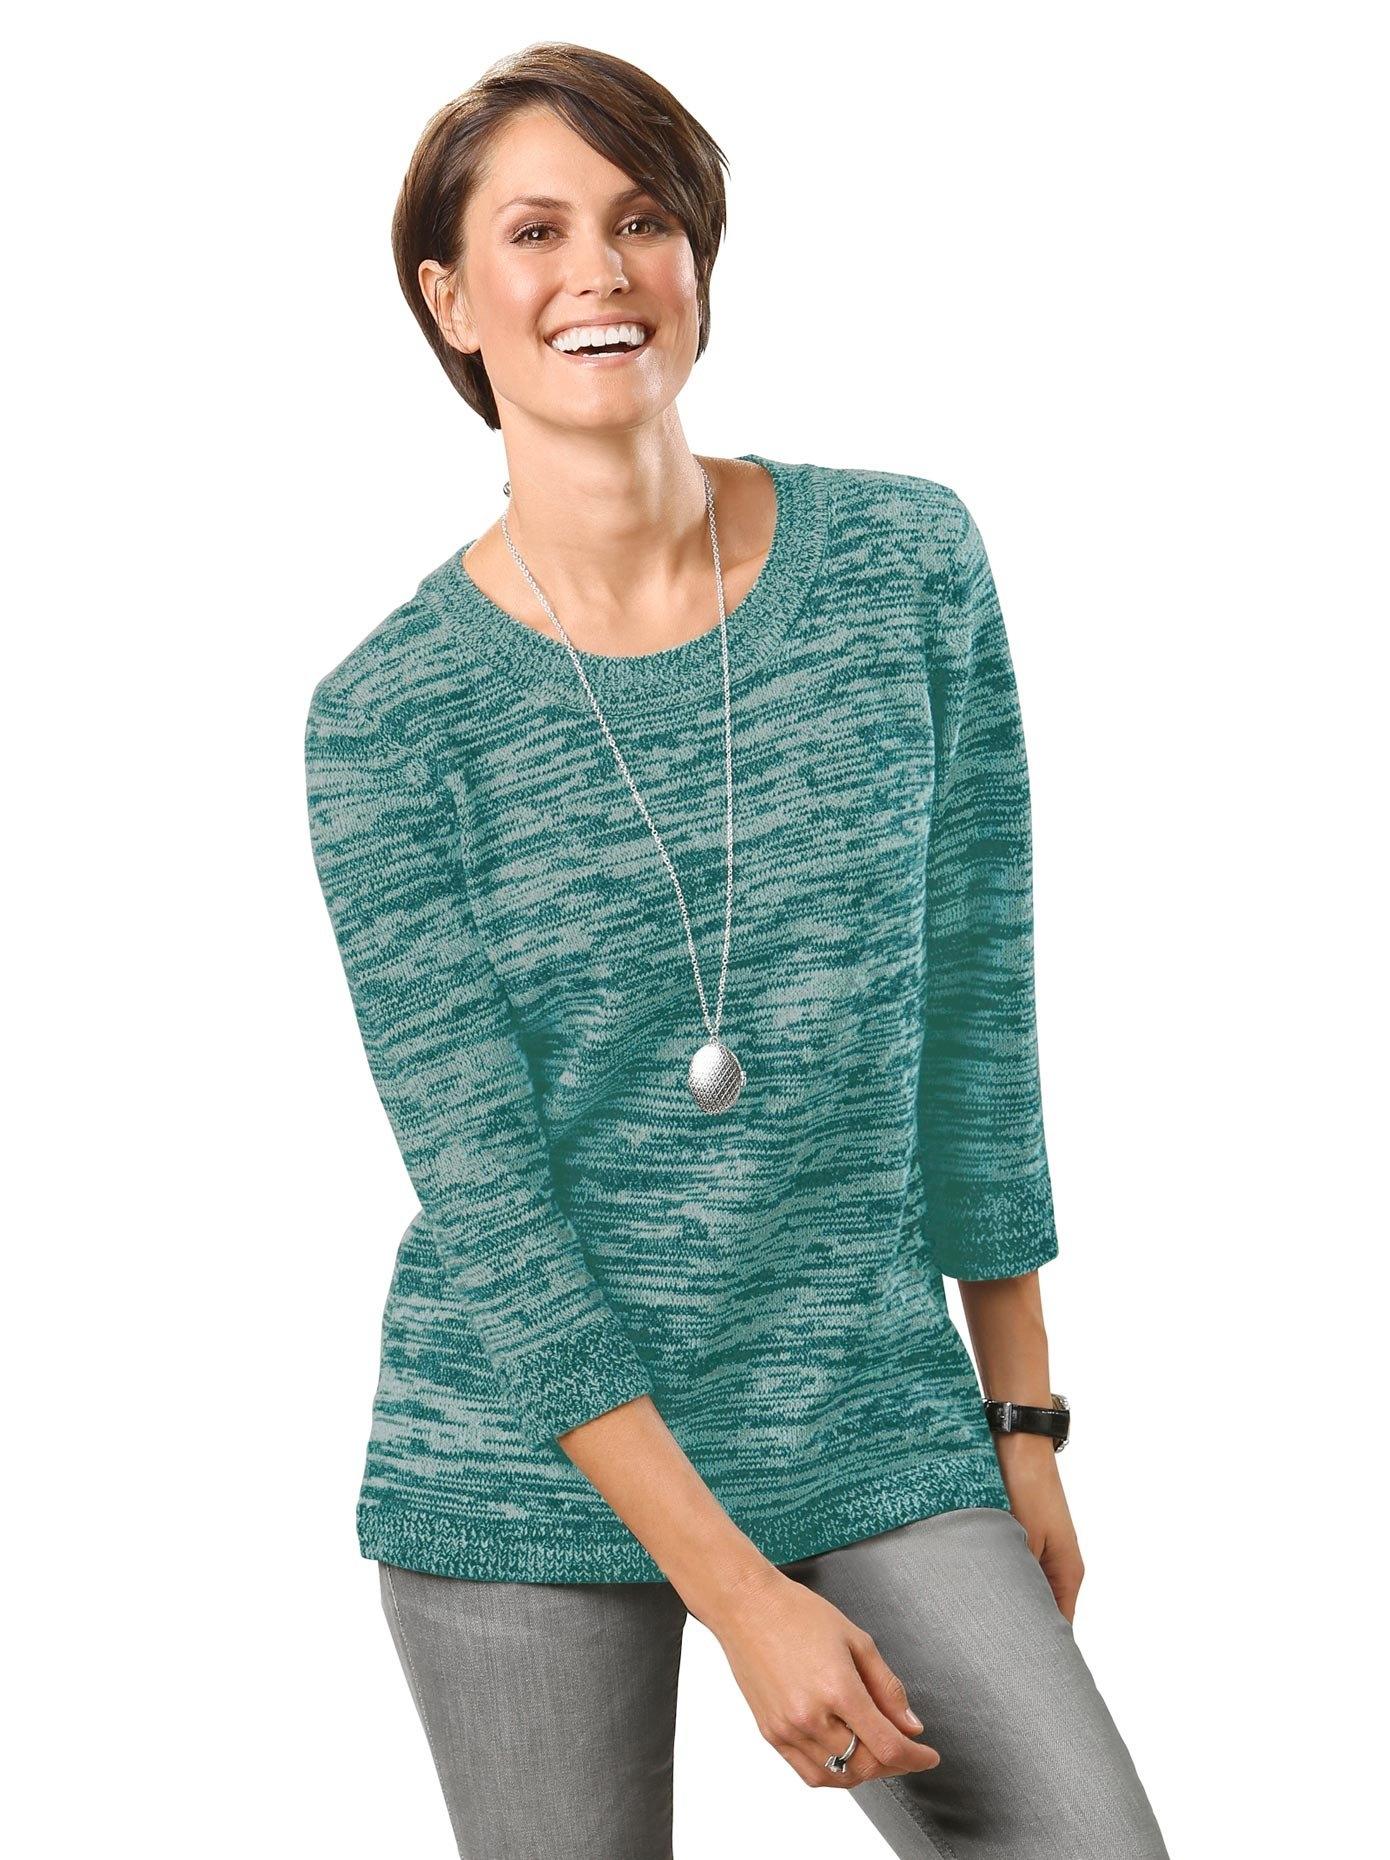 Classic Basics trui met een ronde hals bestellen: 30 dagen bedenktijd